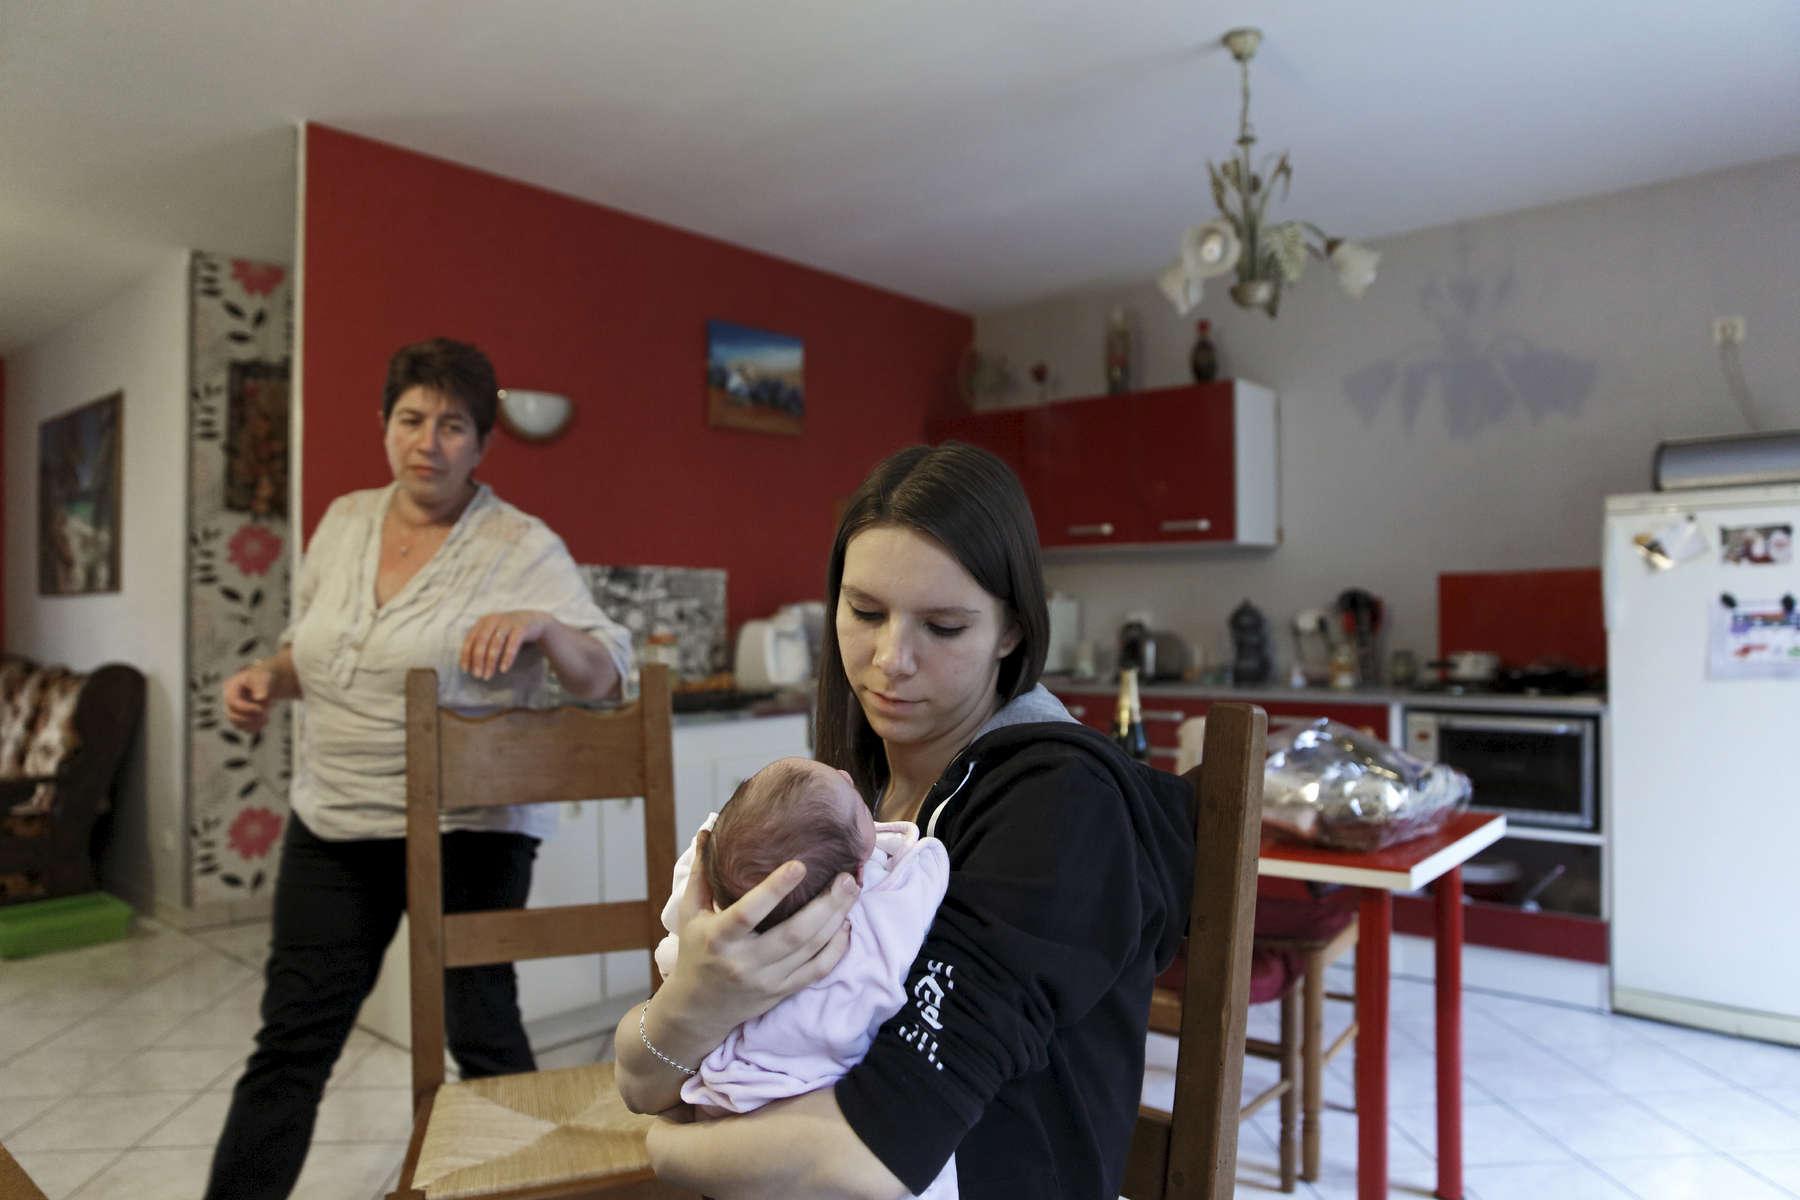 A la sortie de la maternité, Amélie et Xavier sont revenus chez la maman d'Amélie, le temps de s'adapter à leur nouvelle vie. Rumigny, France.